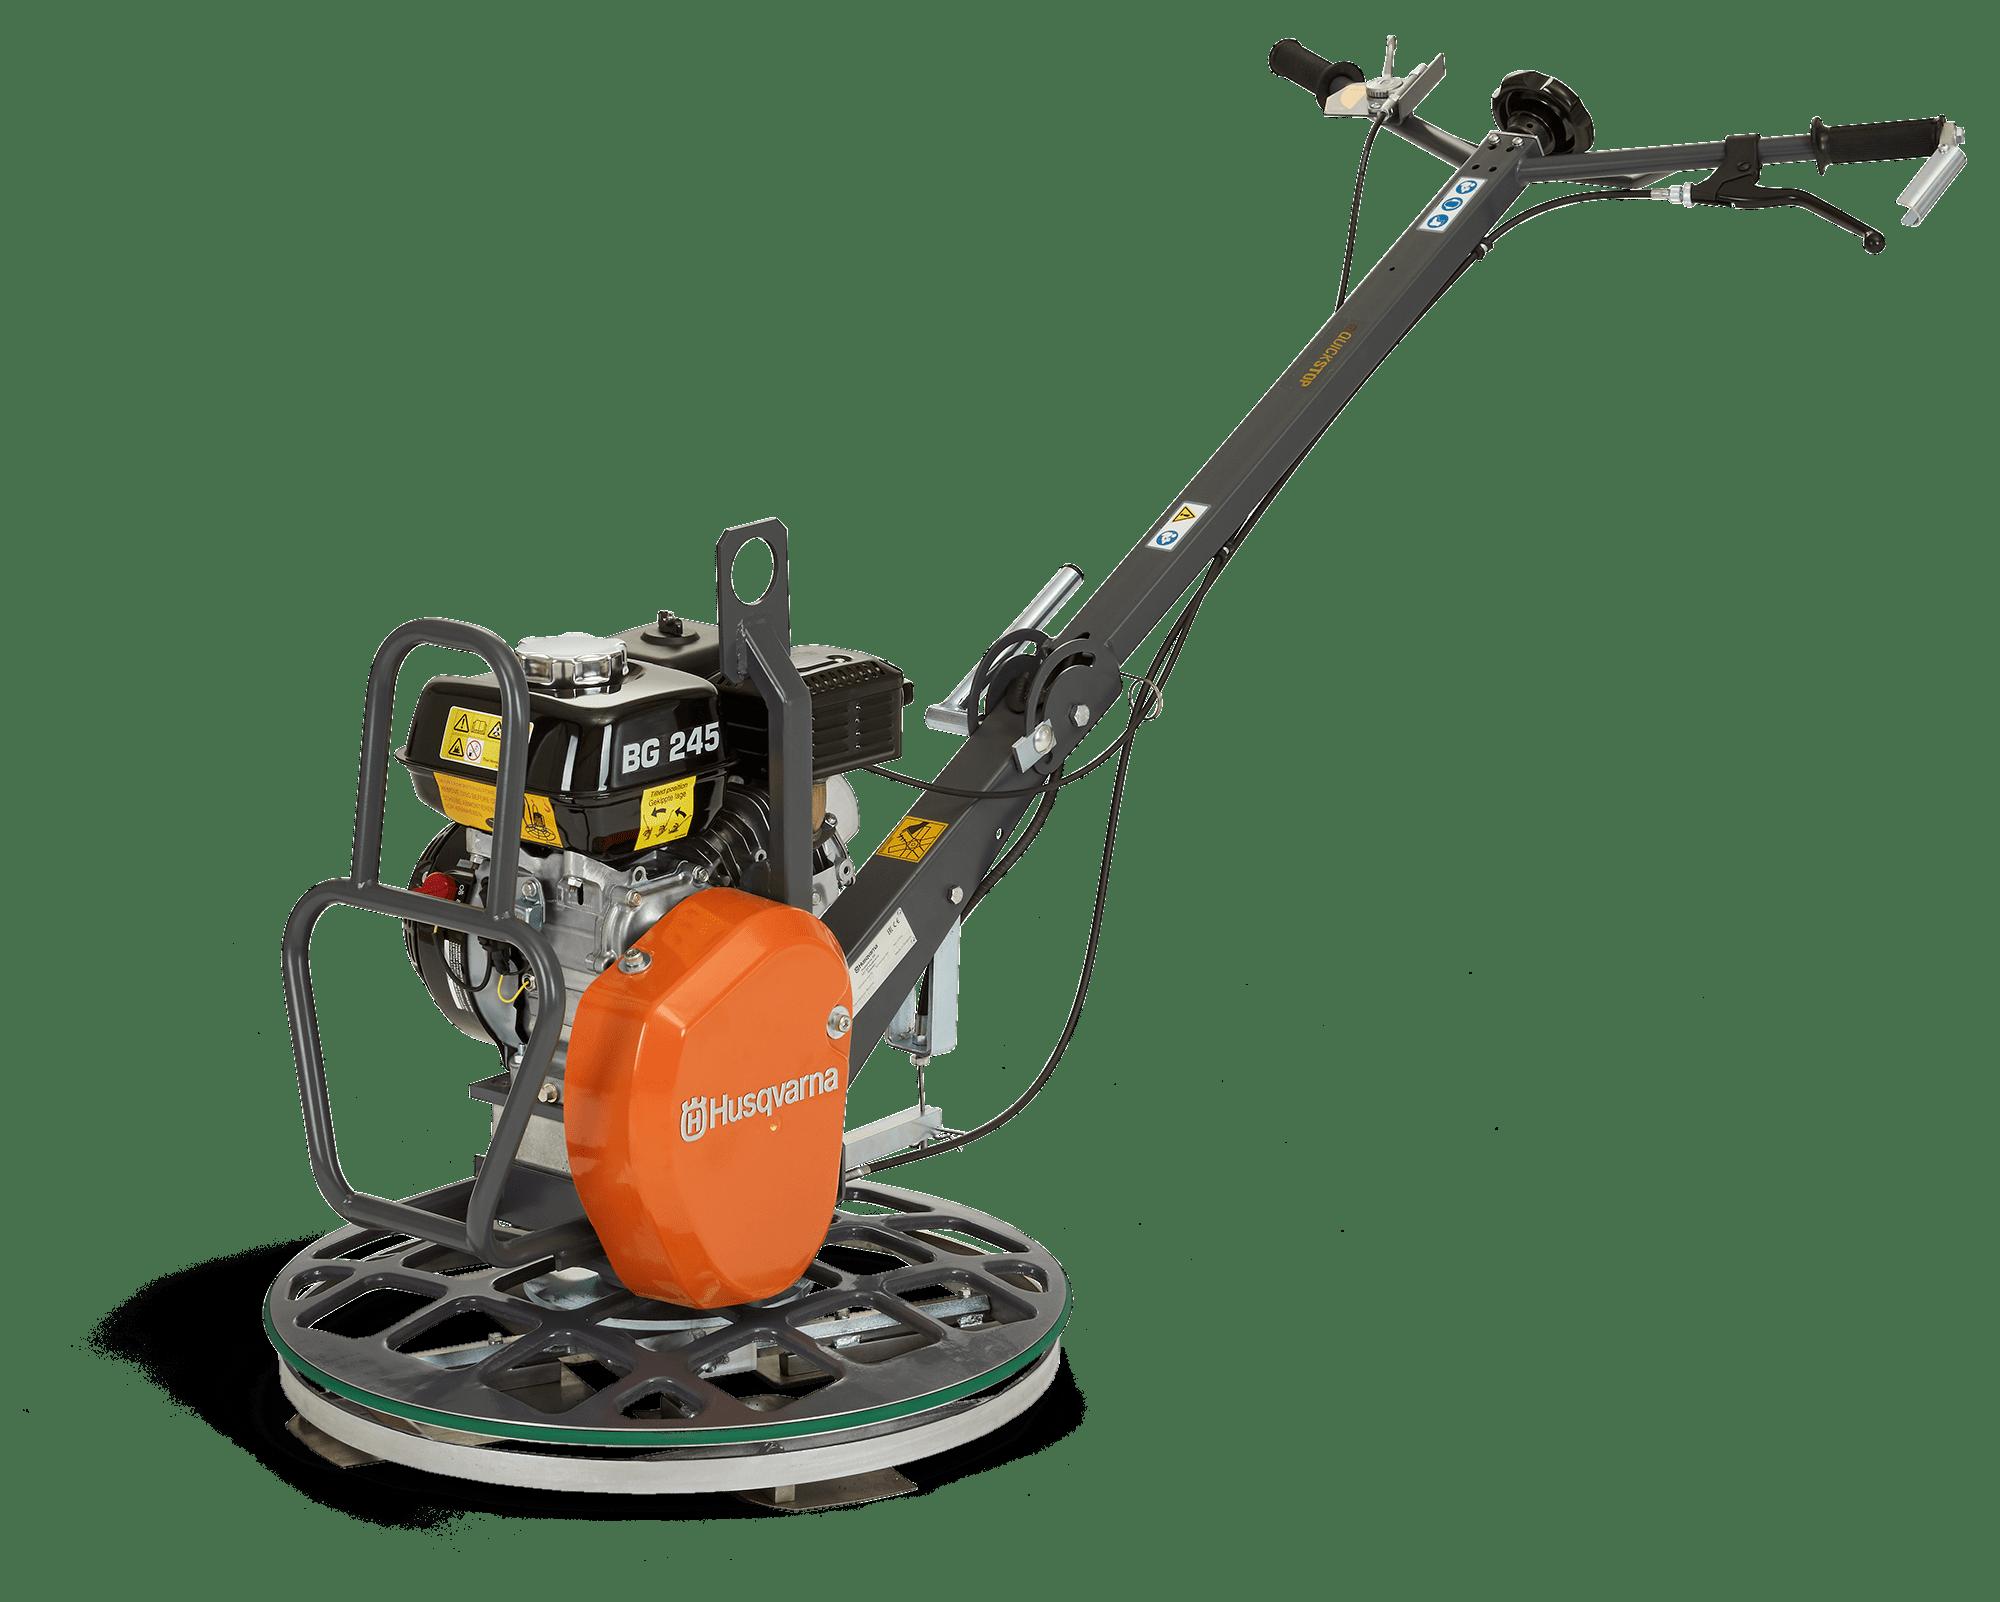 Husqvarna Betongutleggingsutstyr BG 245